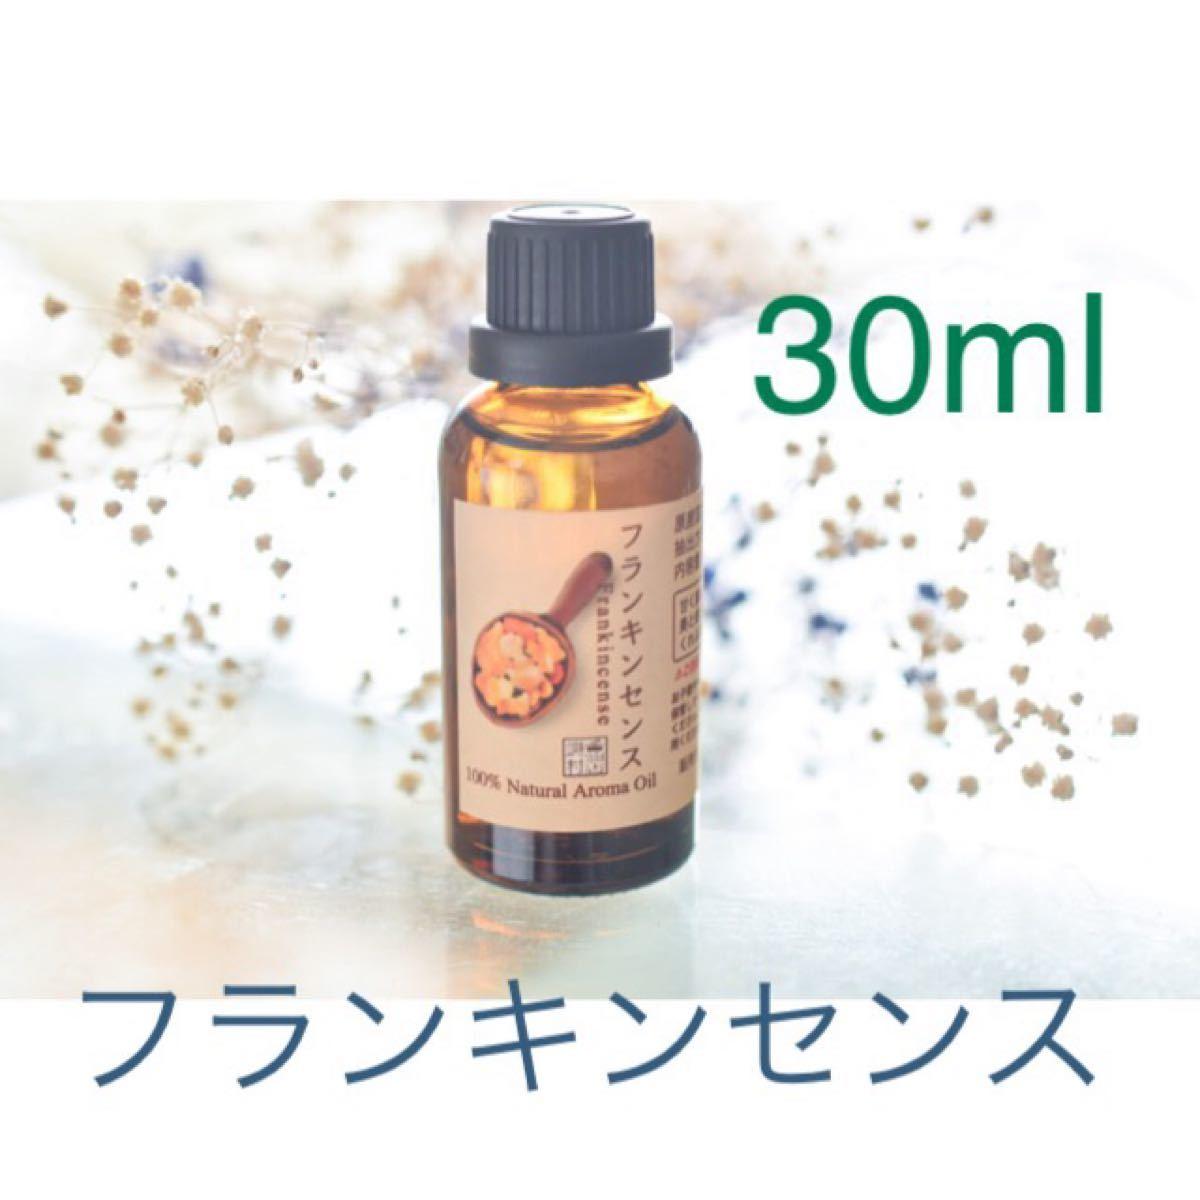 フランキンセンス 30ml  アロマ用精油 エッセンシャルオイル